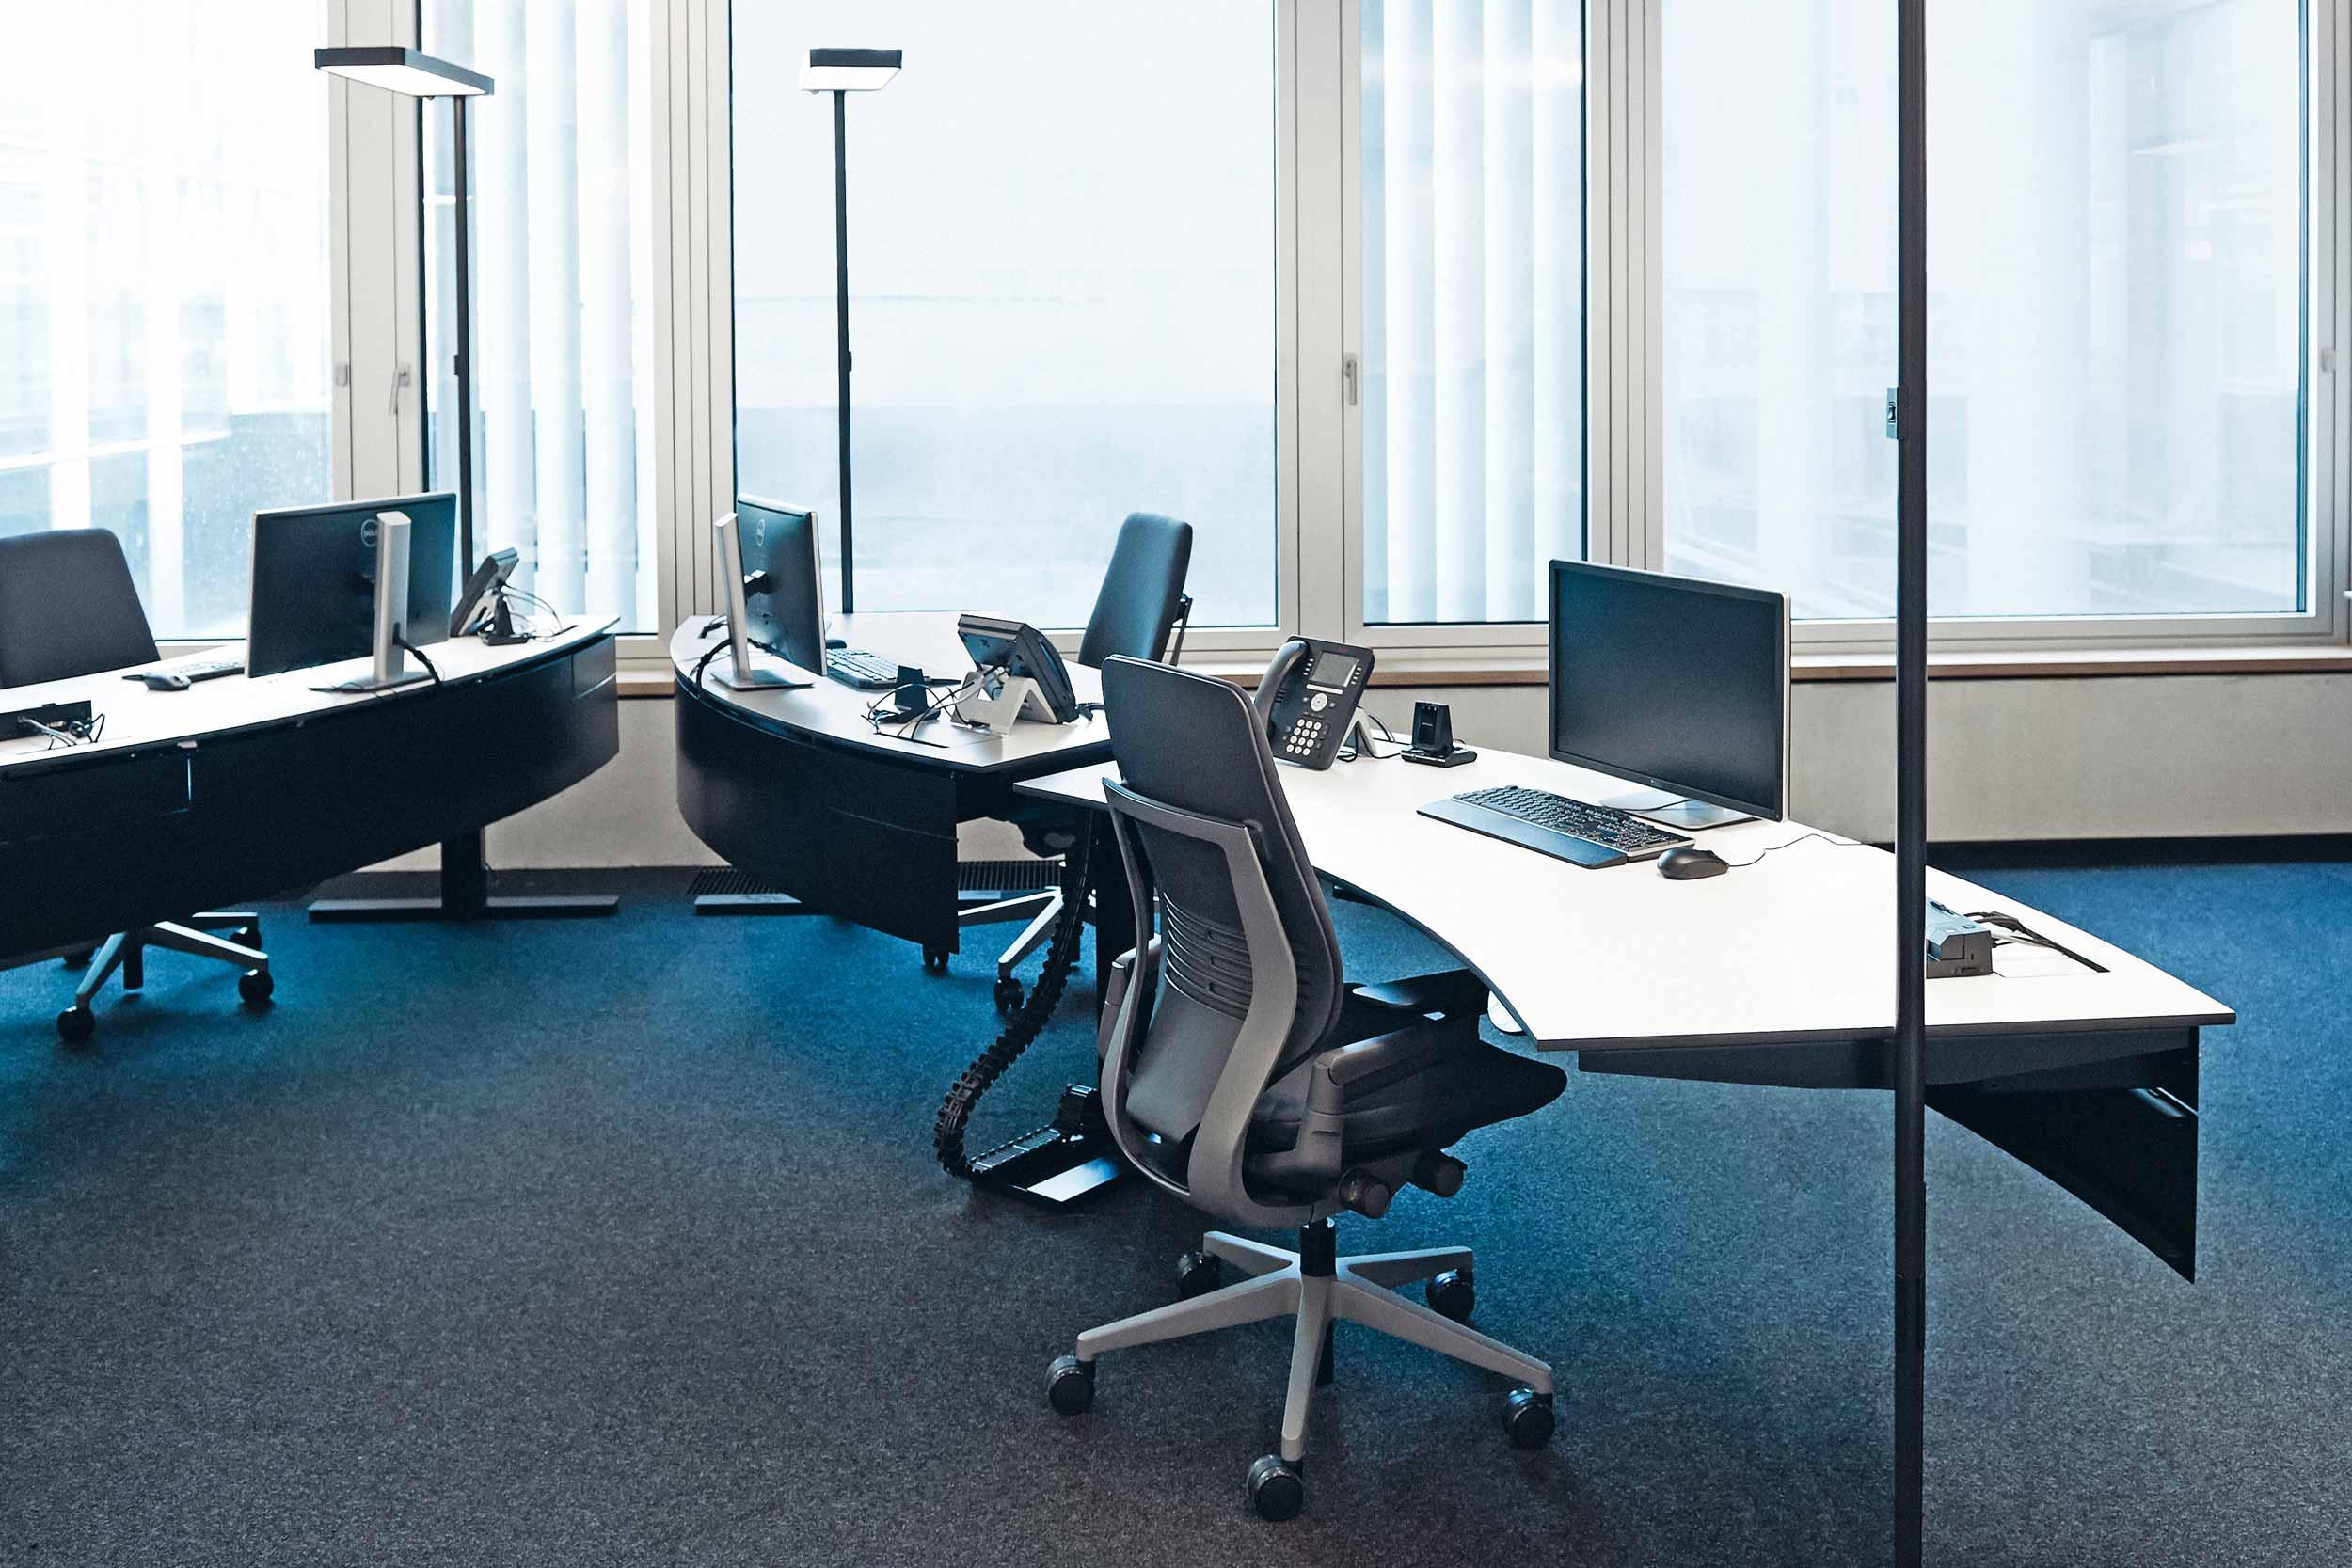 Bureau18 für Zurich Versicherungs-Gesellschaft